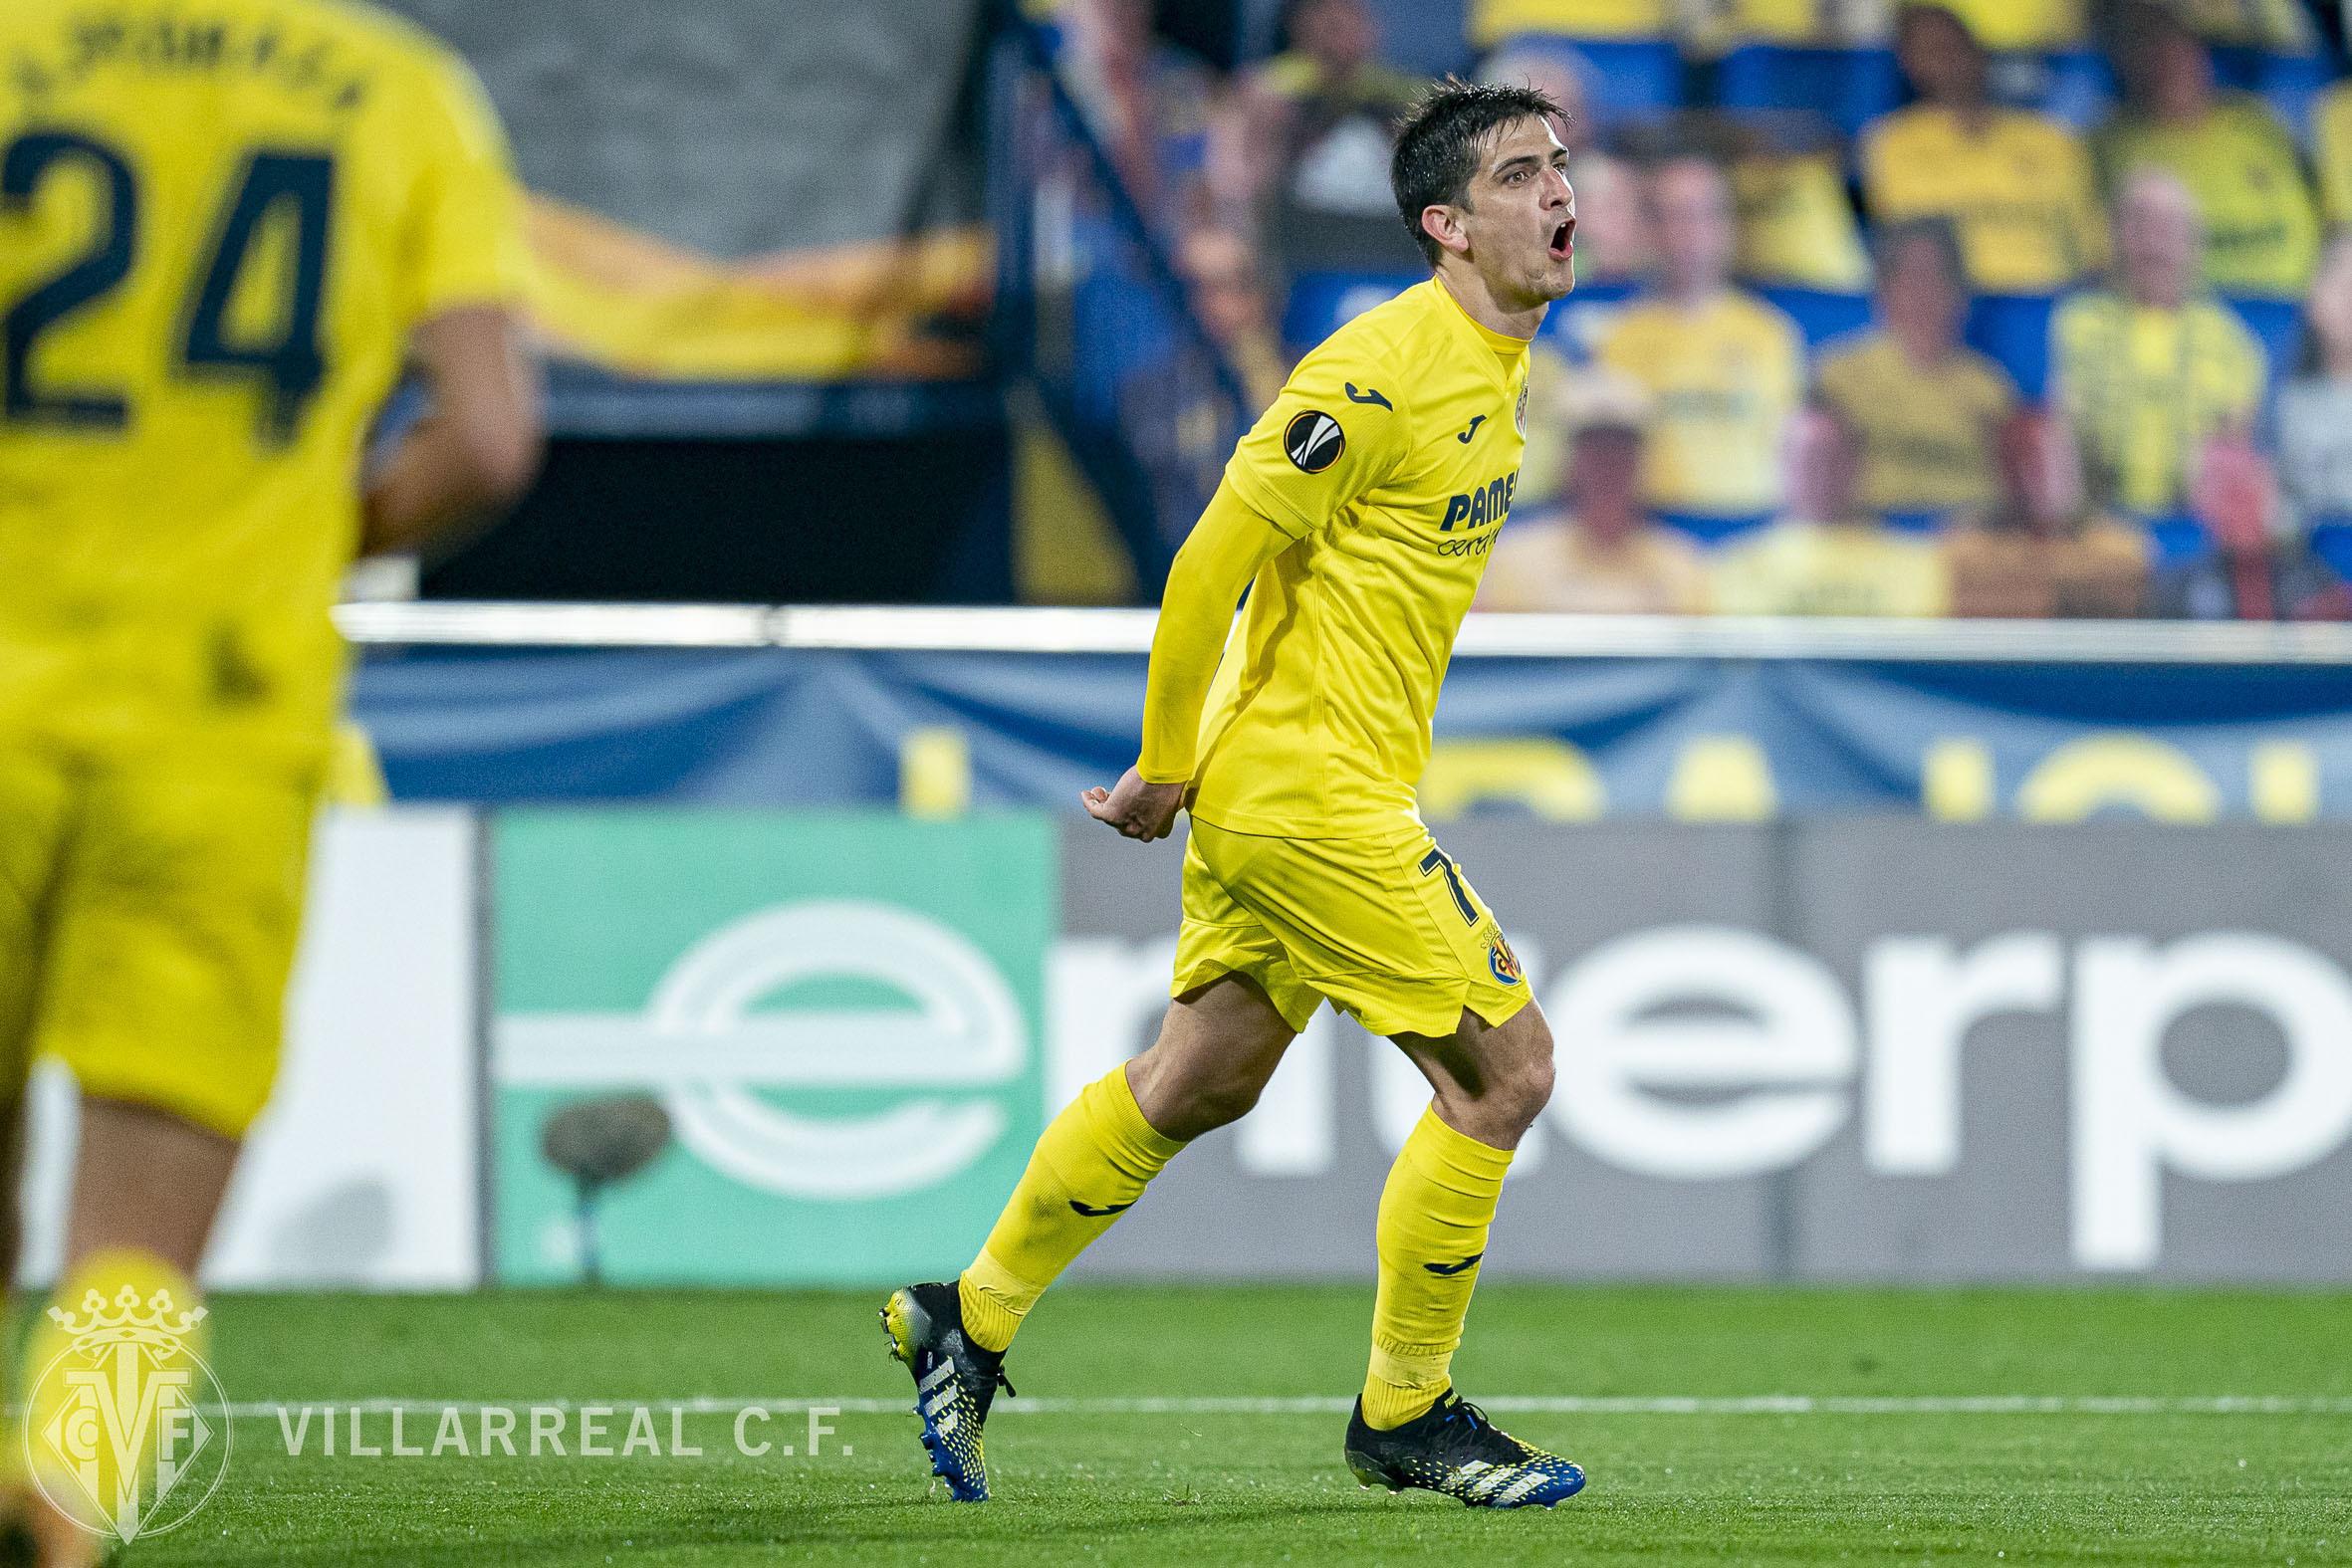 Gerard Moreno celebra su primer gol. / Fuente: @VillarrealCF